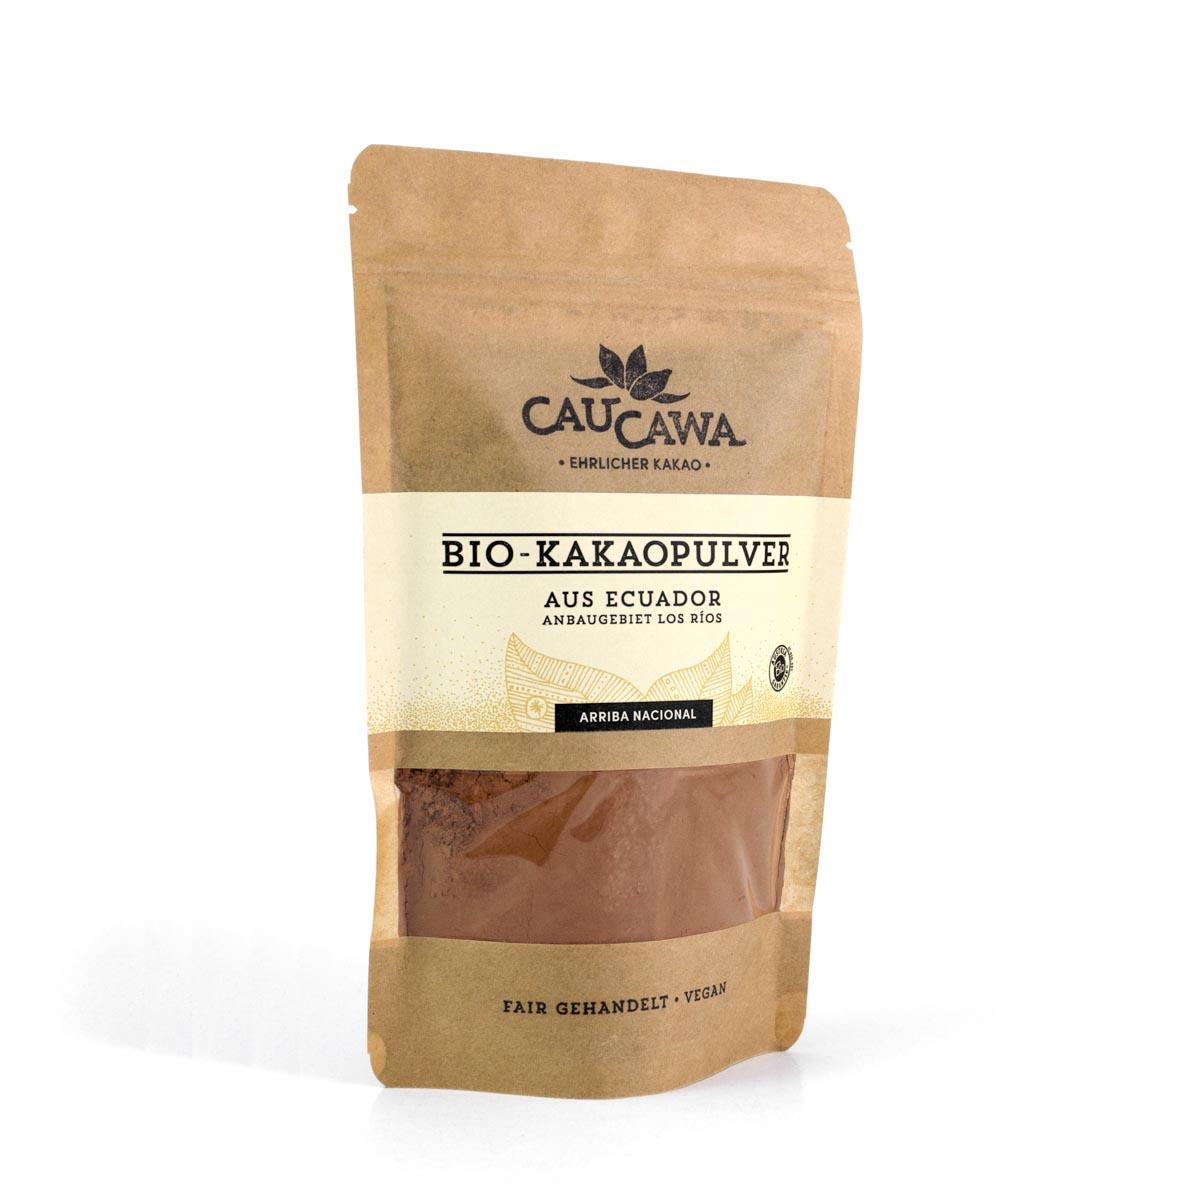 BIO Kakaopulver aus Ecuador – 150g